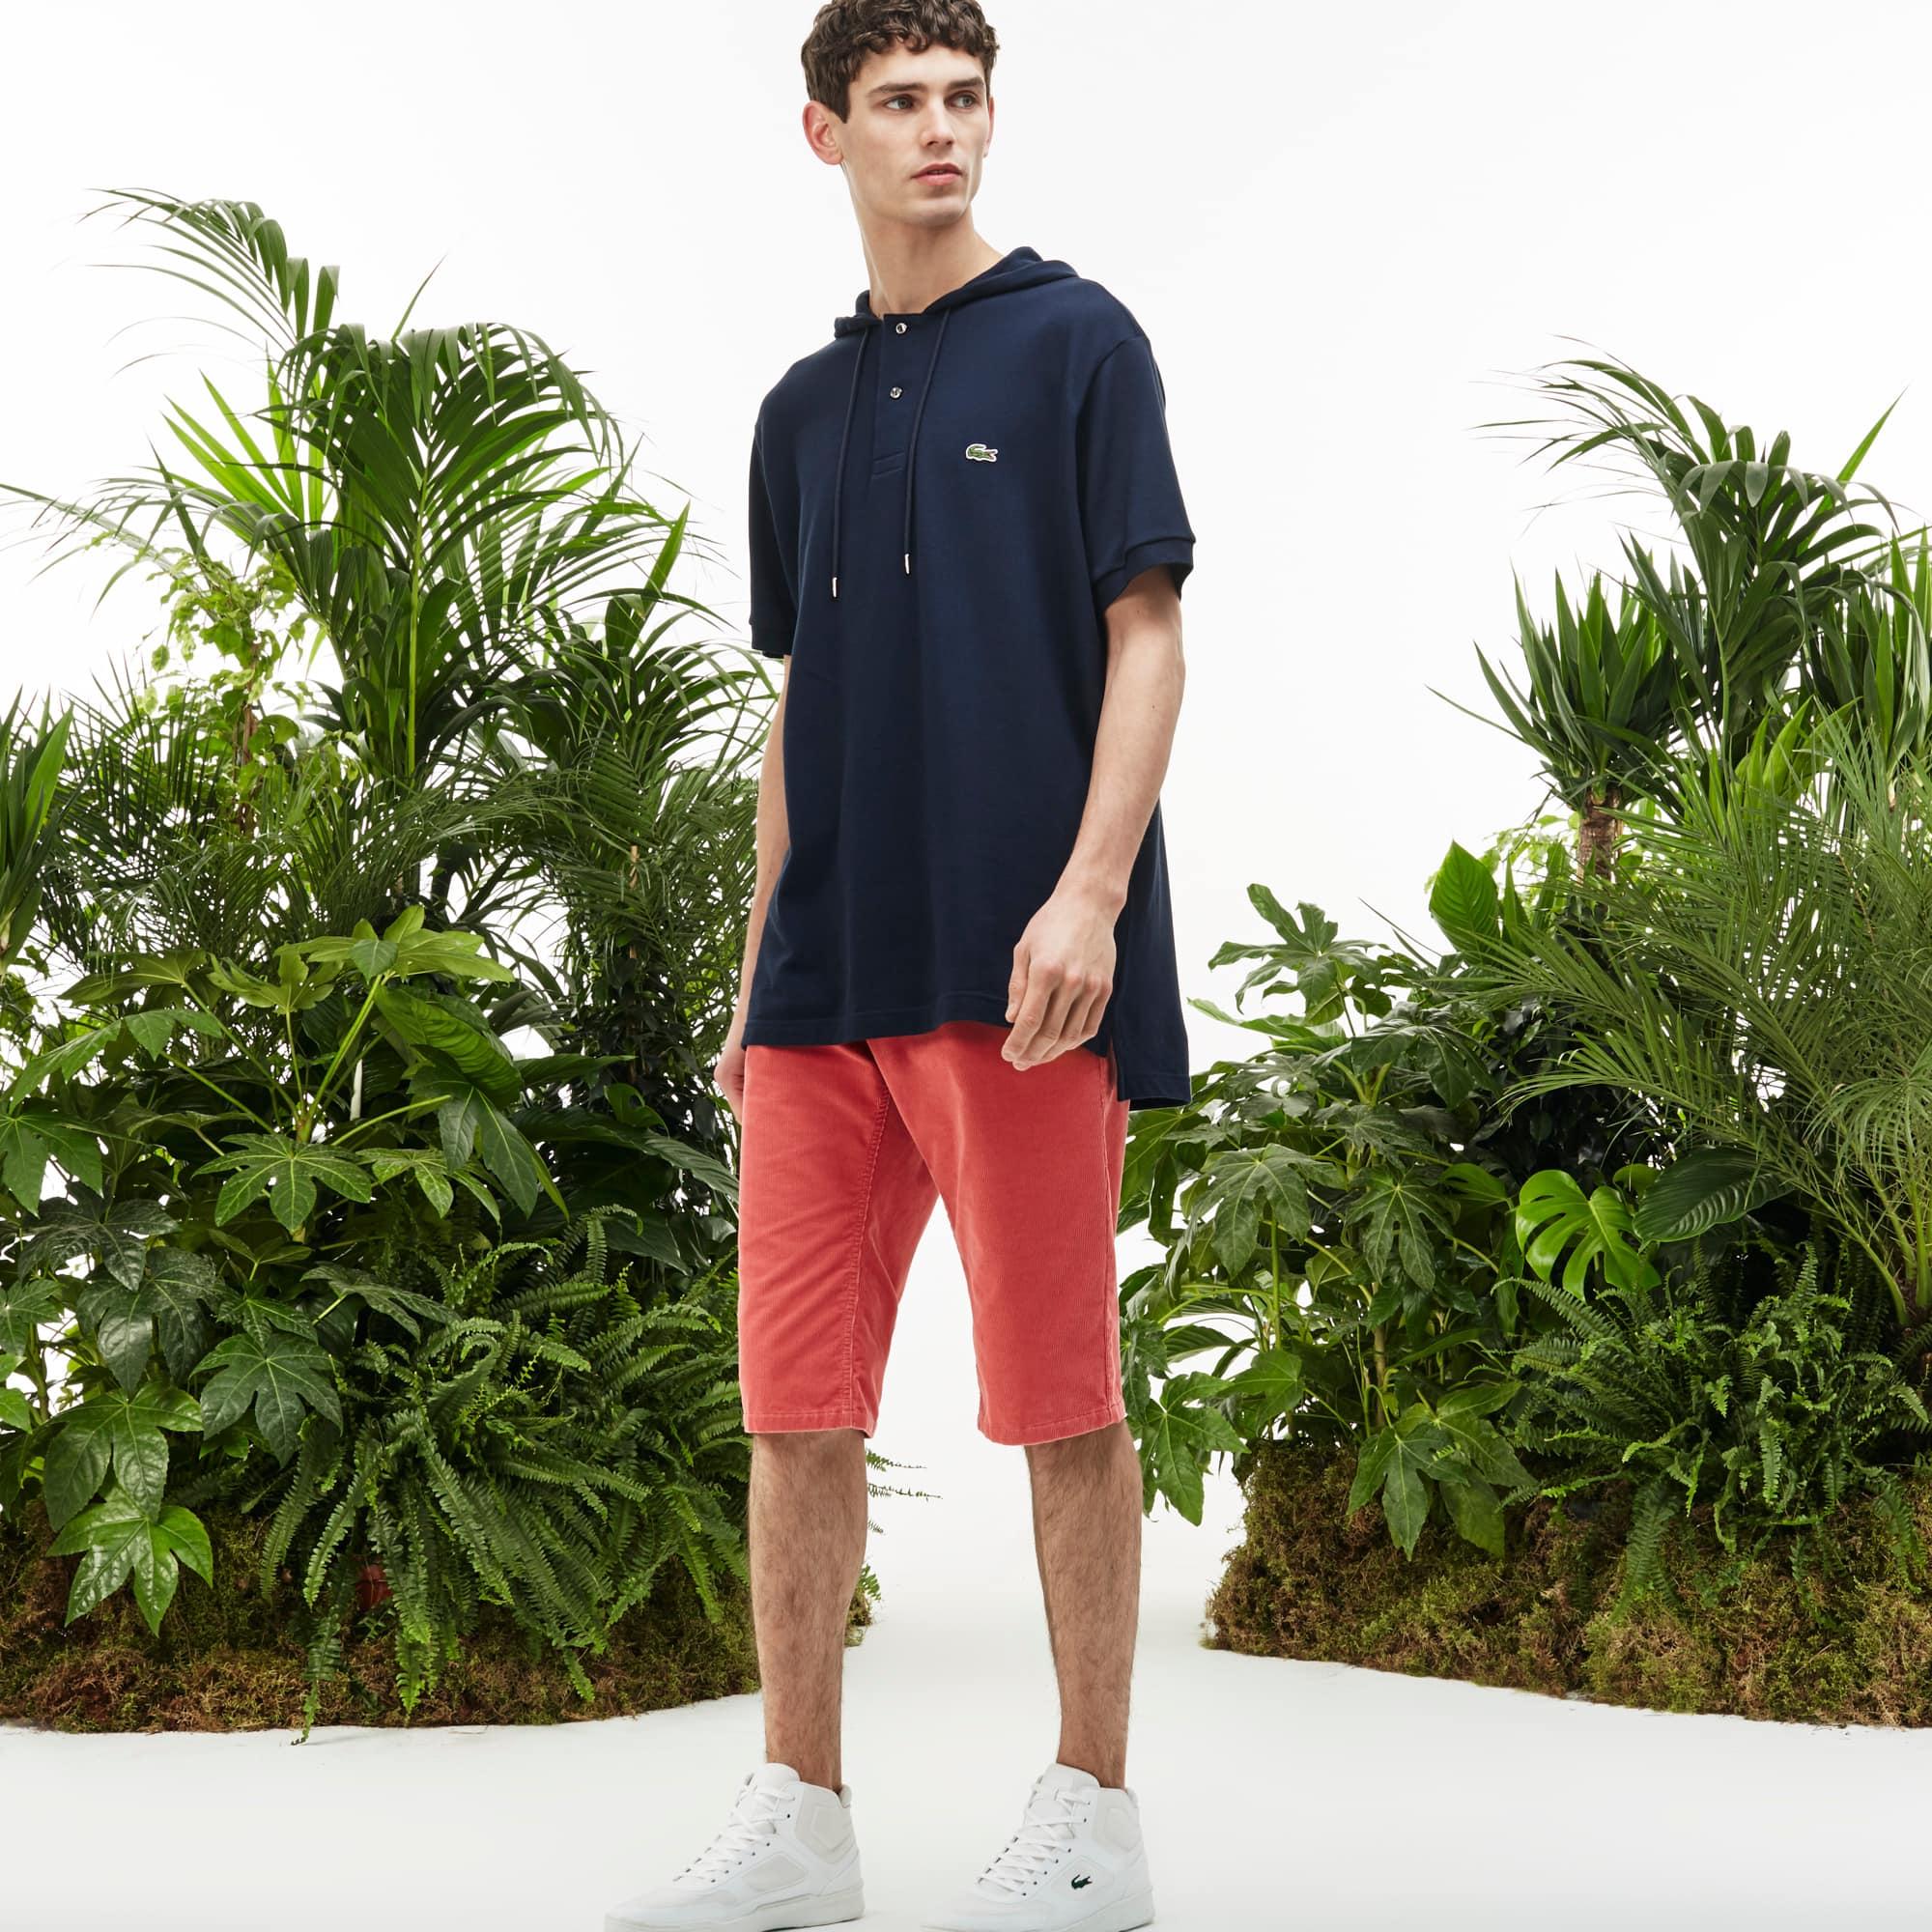 Men's Fashion Show Corduroy Bermudas